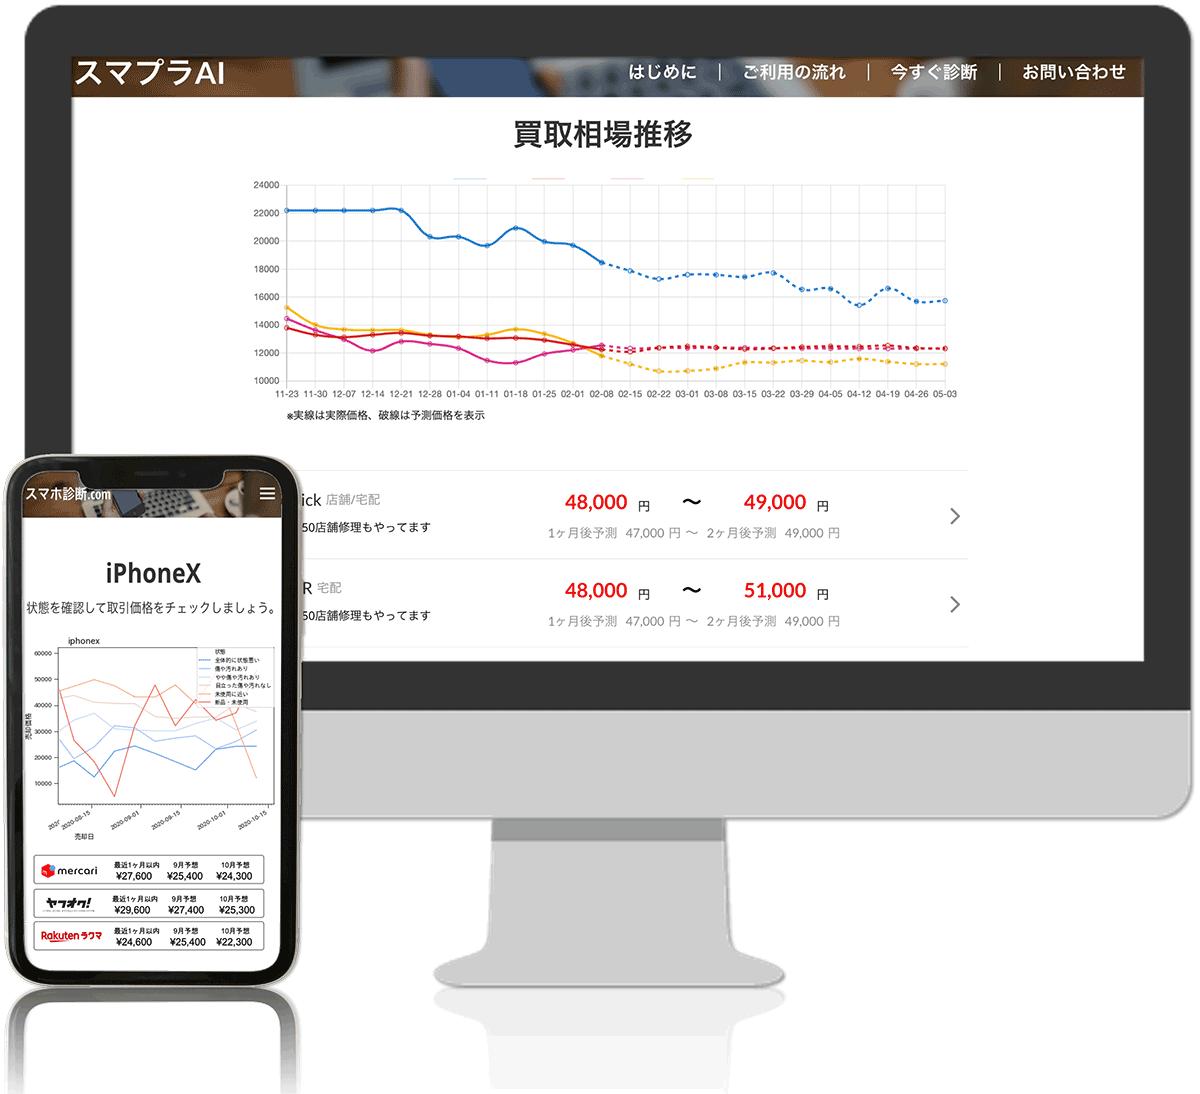 スマプラAIの価格買取表